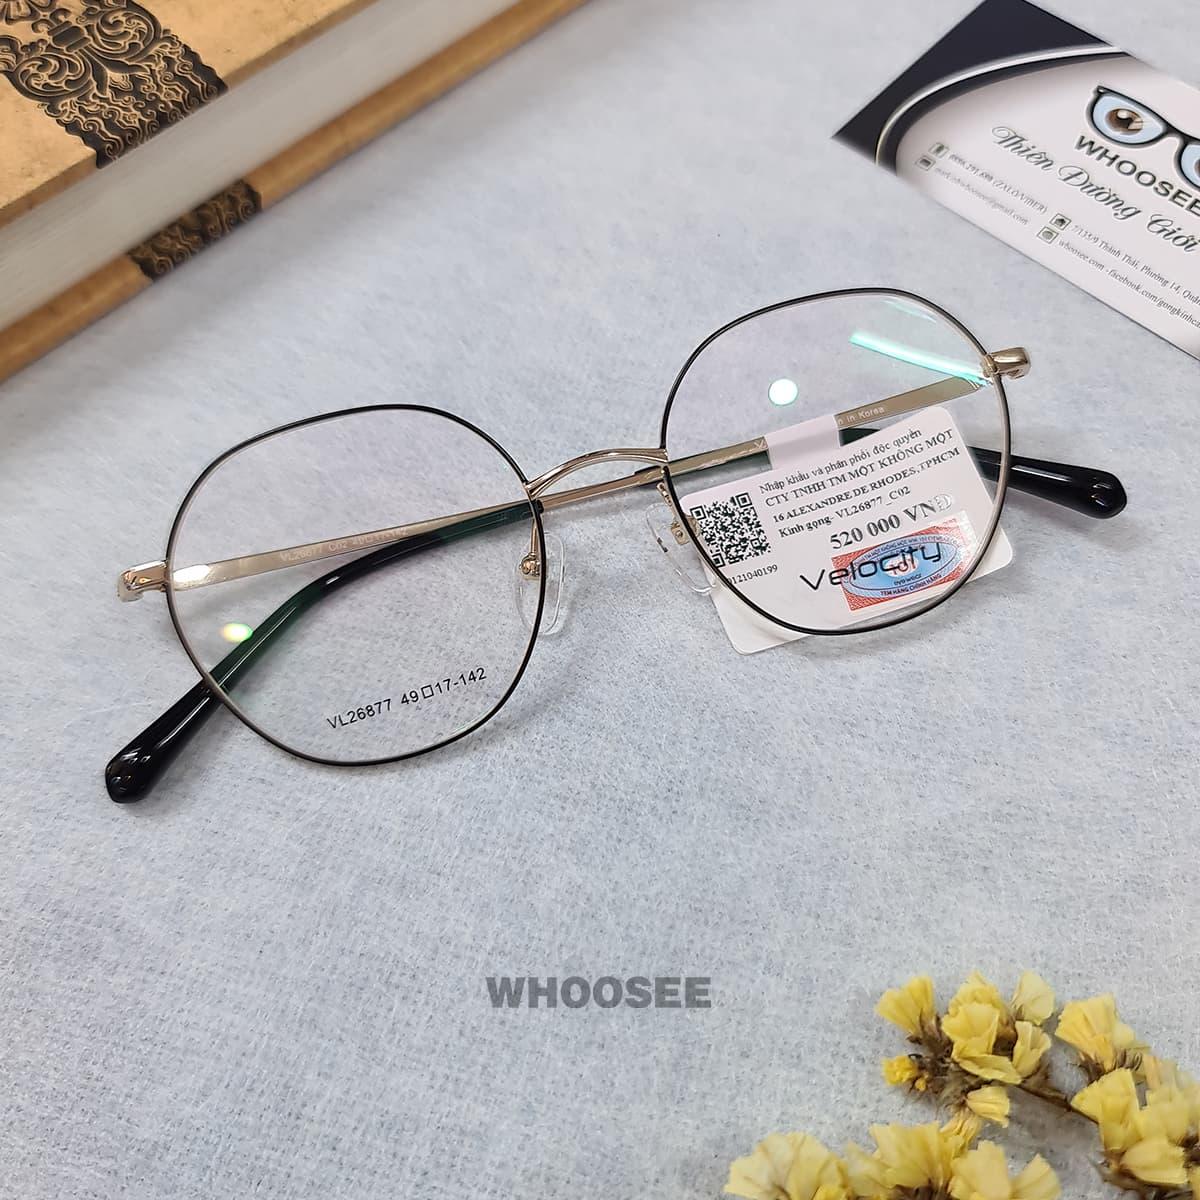 gọng kính cận kim loại màu đen trắng cho nữ vl26877 c02 velocity